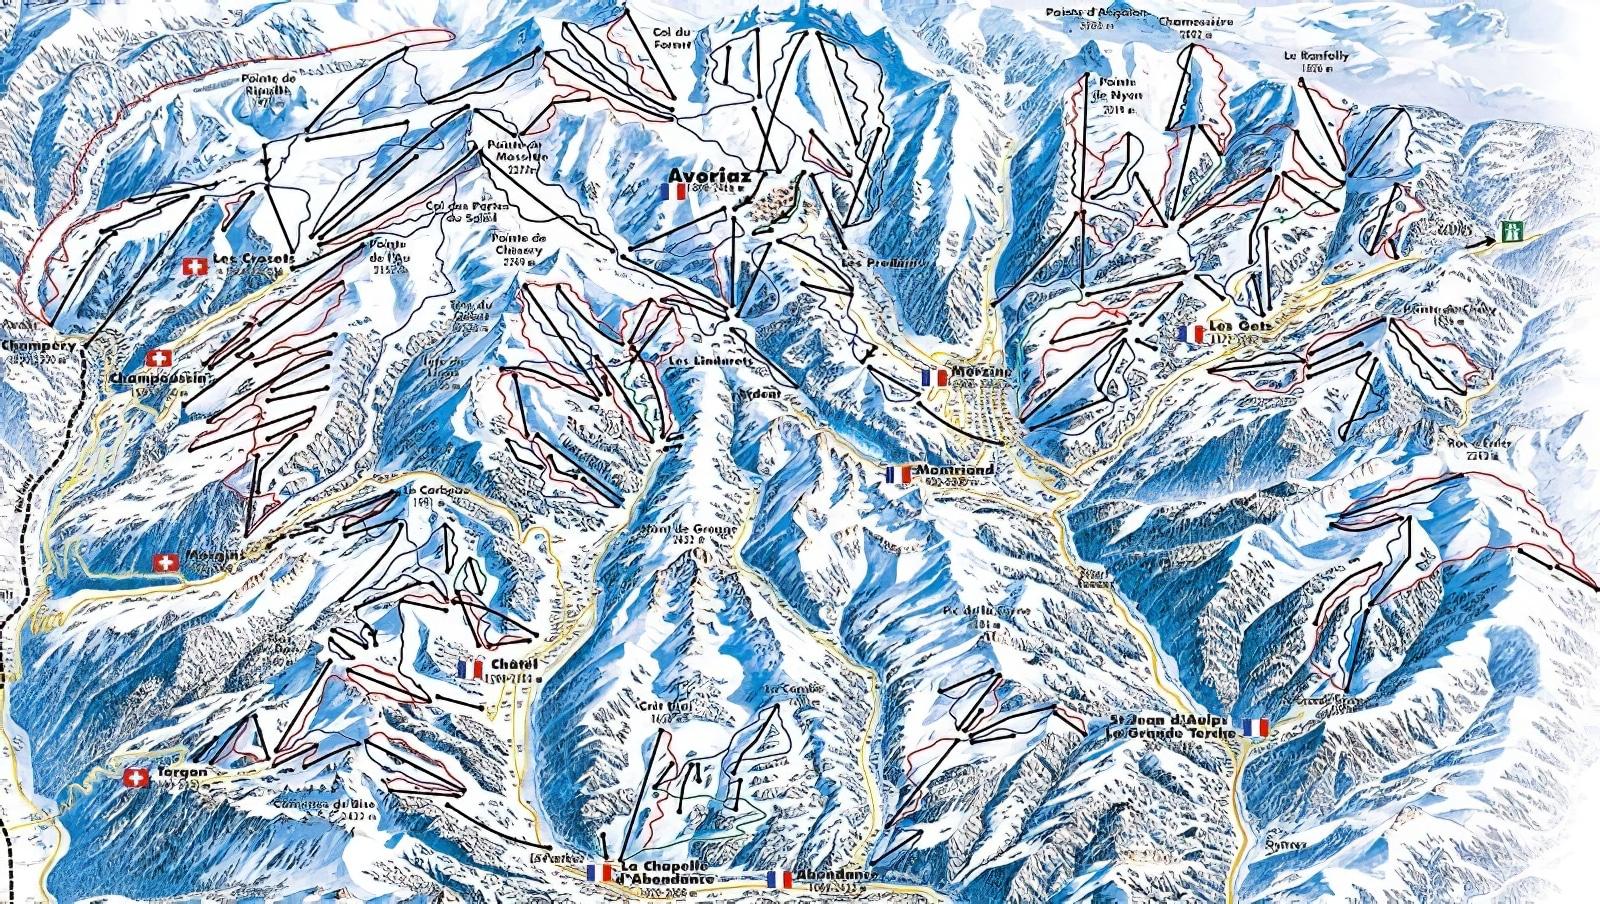 Les plus grands domaines skiables au monde